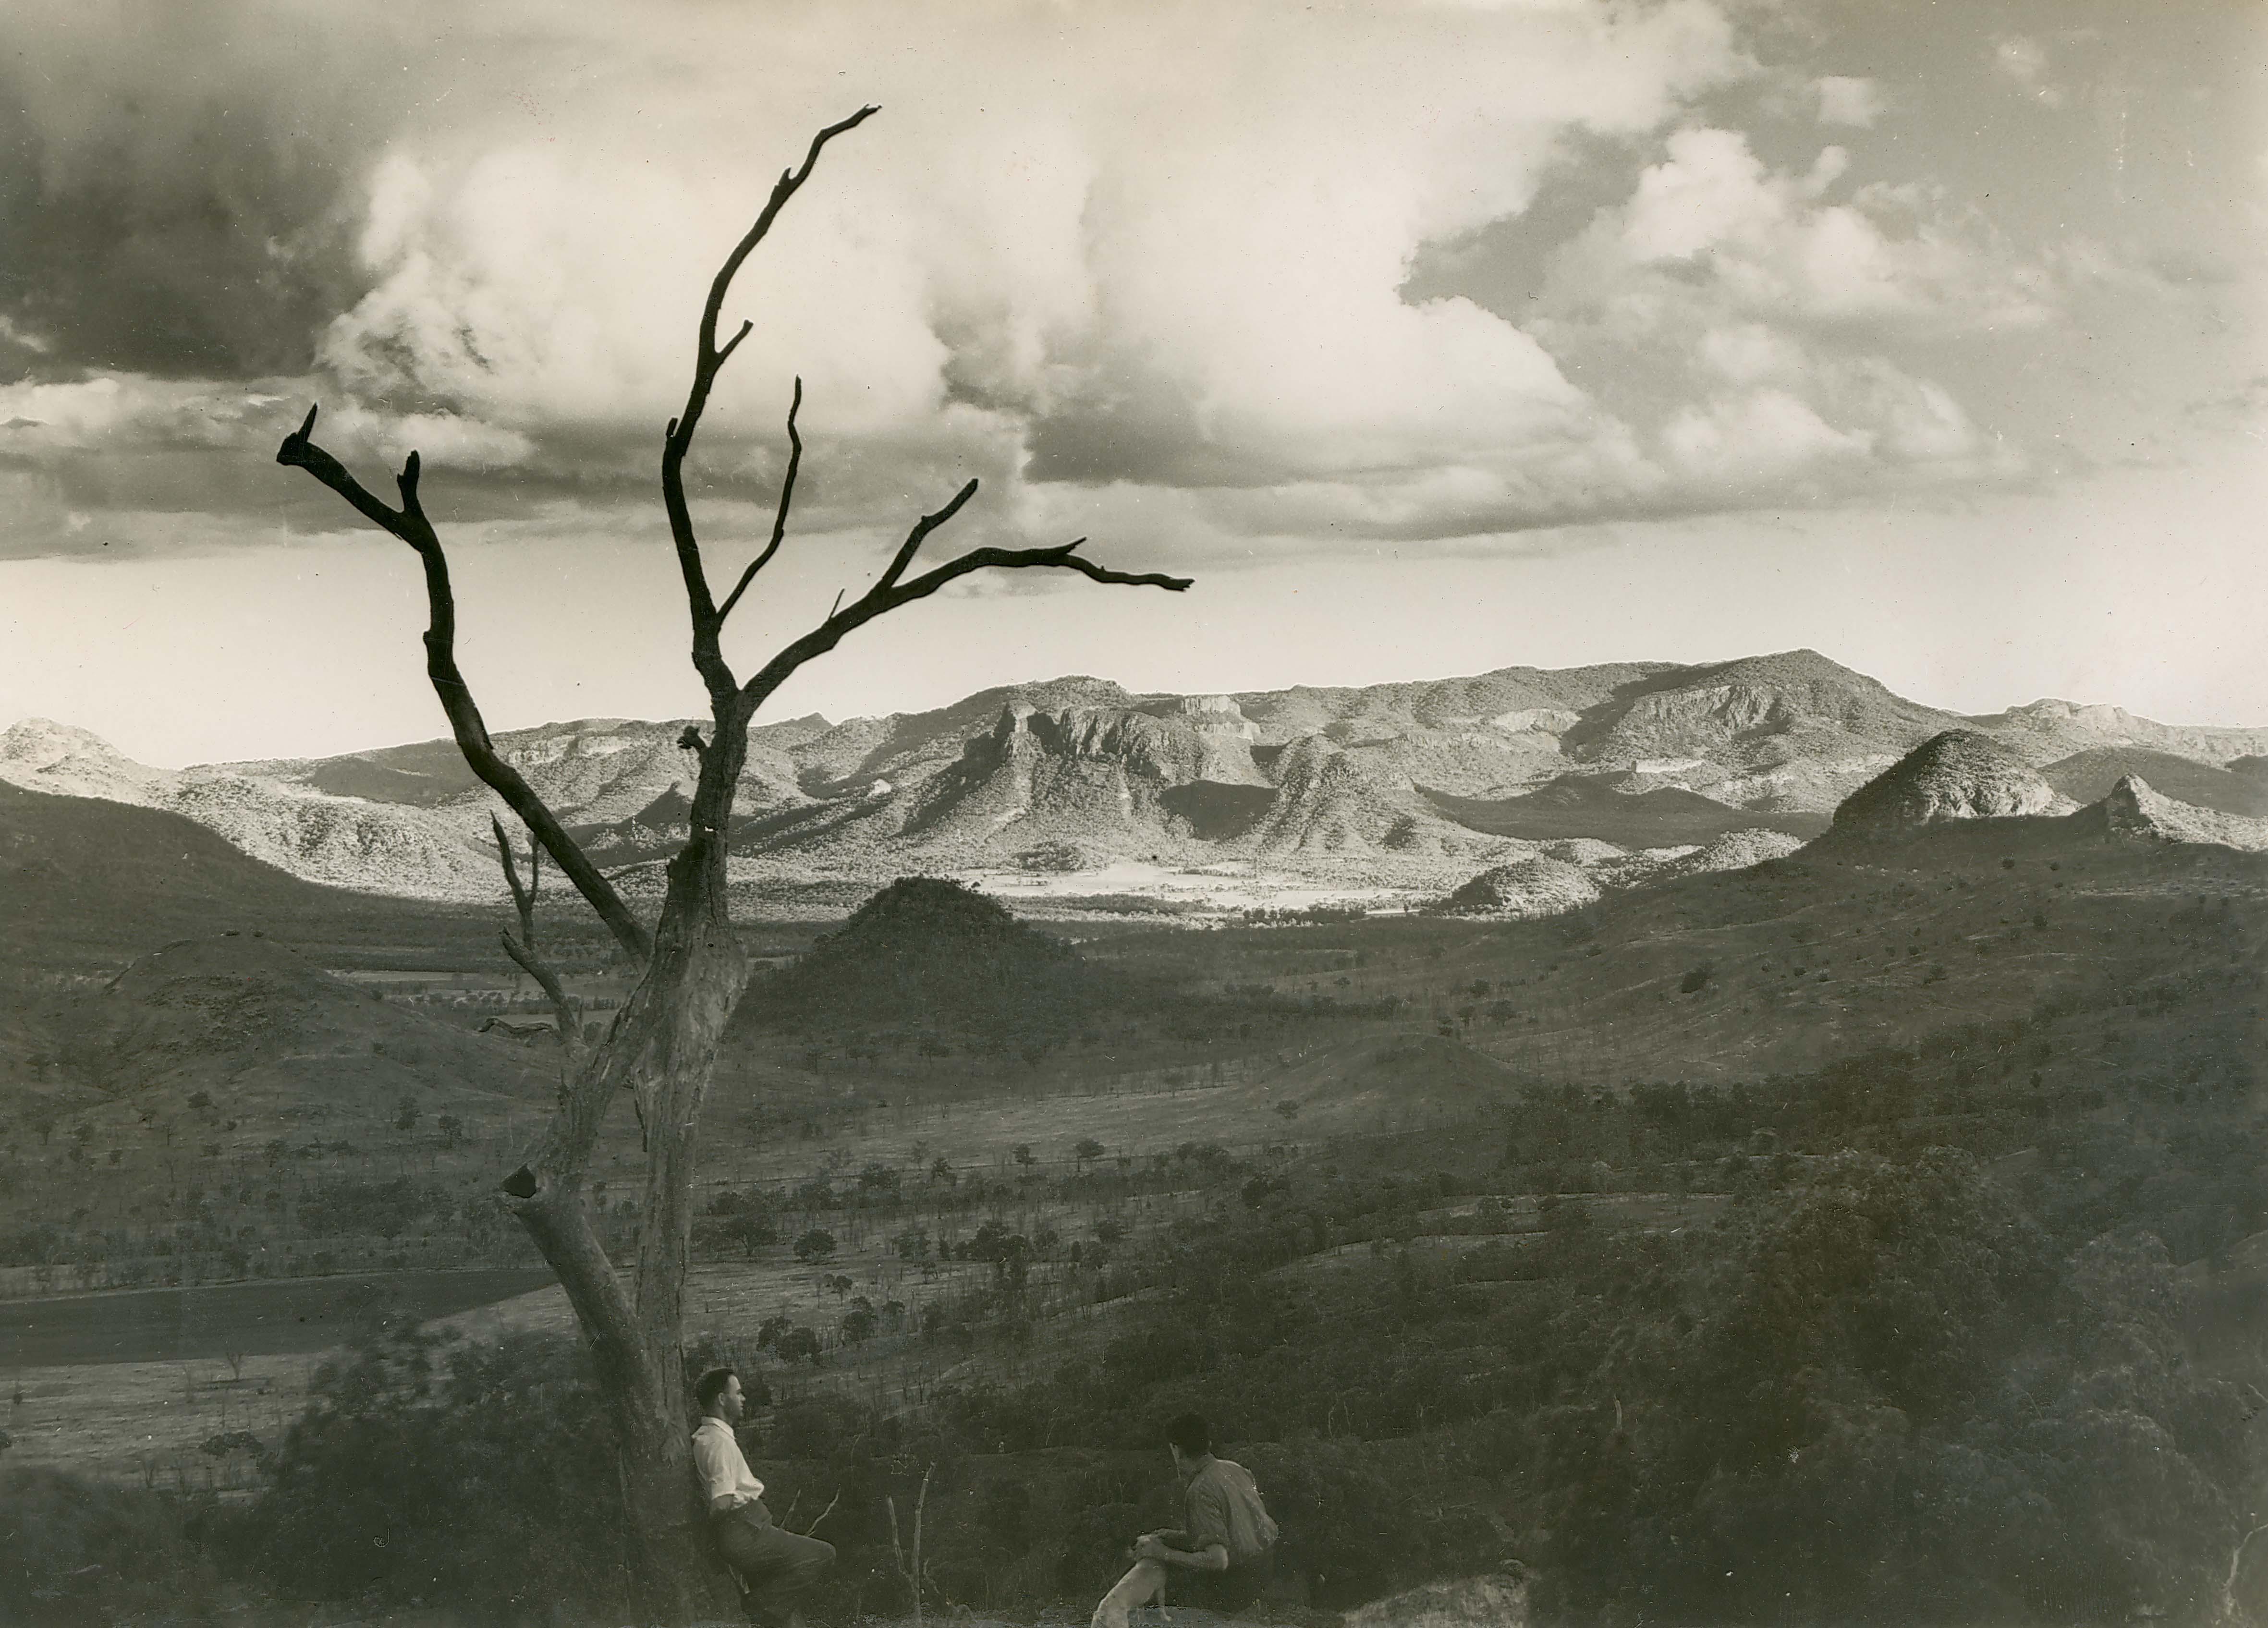 View of the Warrumbungle Ranges, Coonabarabran (NSW)